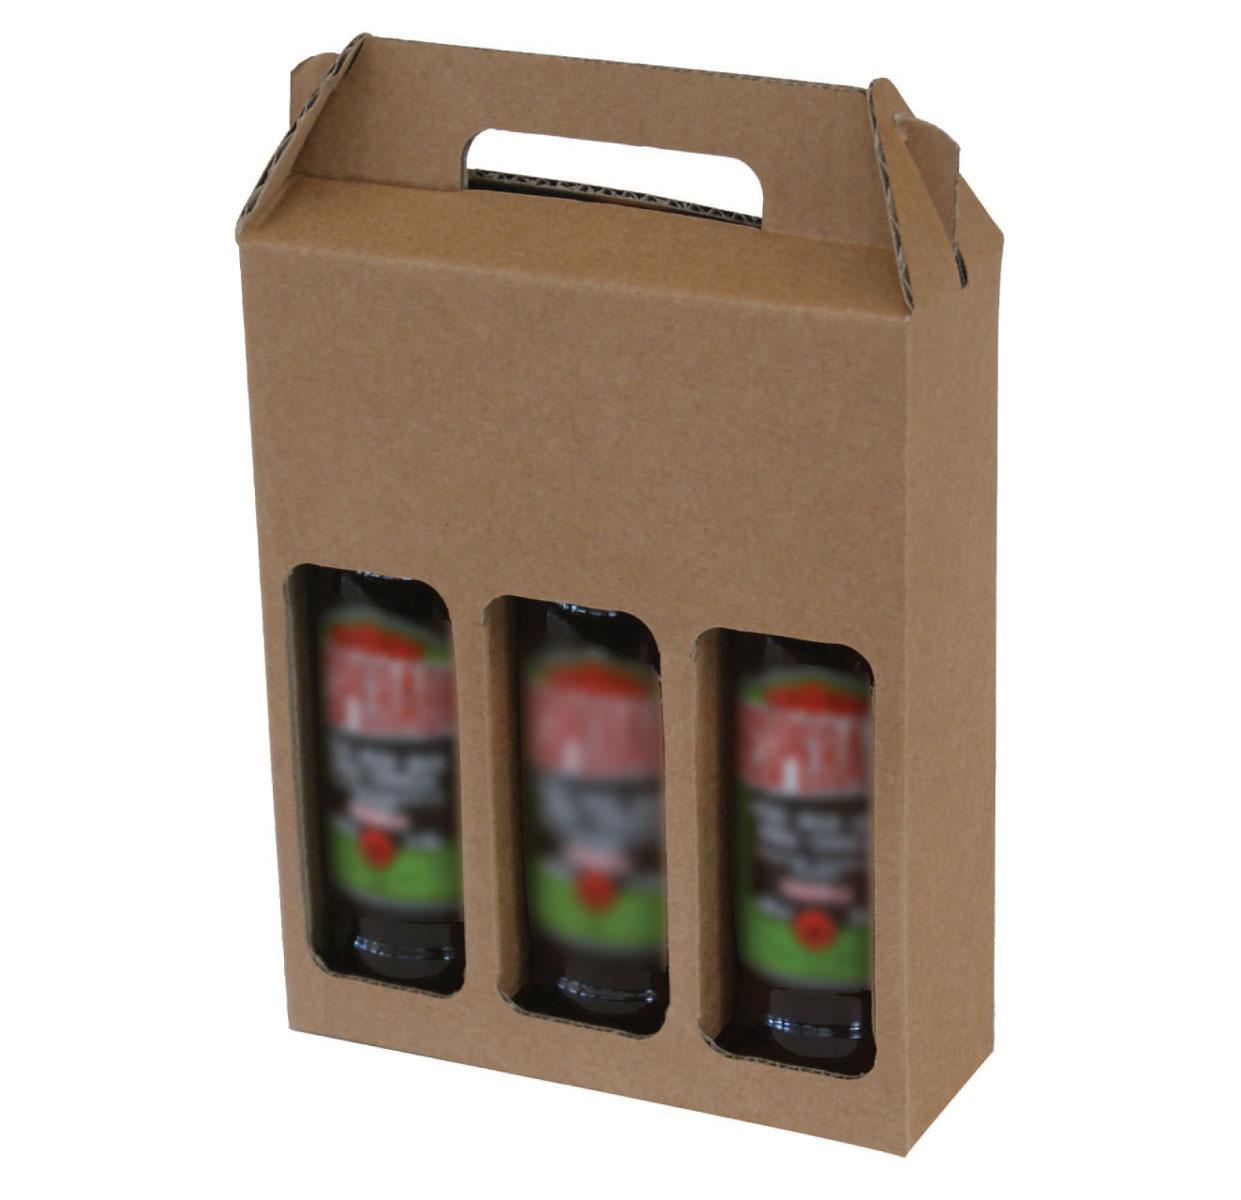 Les emballages des bouteilles de bi re for Des cartons pour demenager